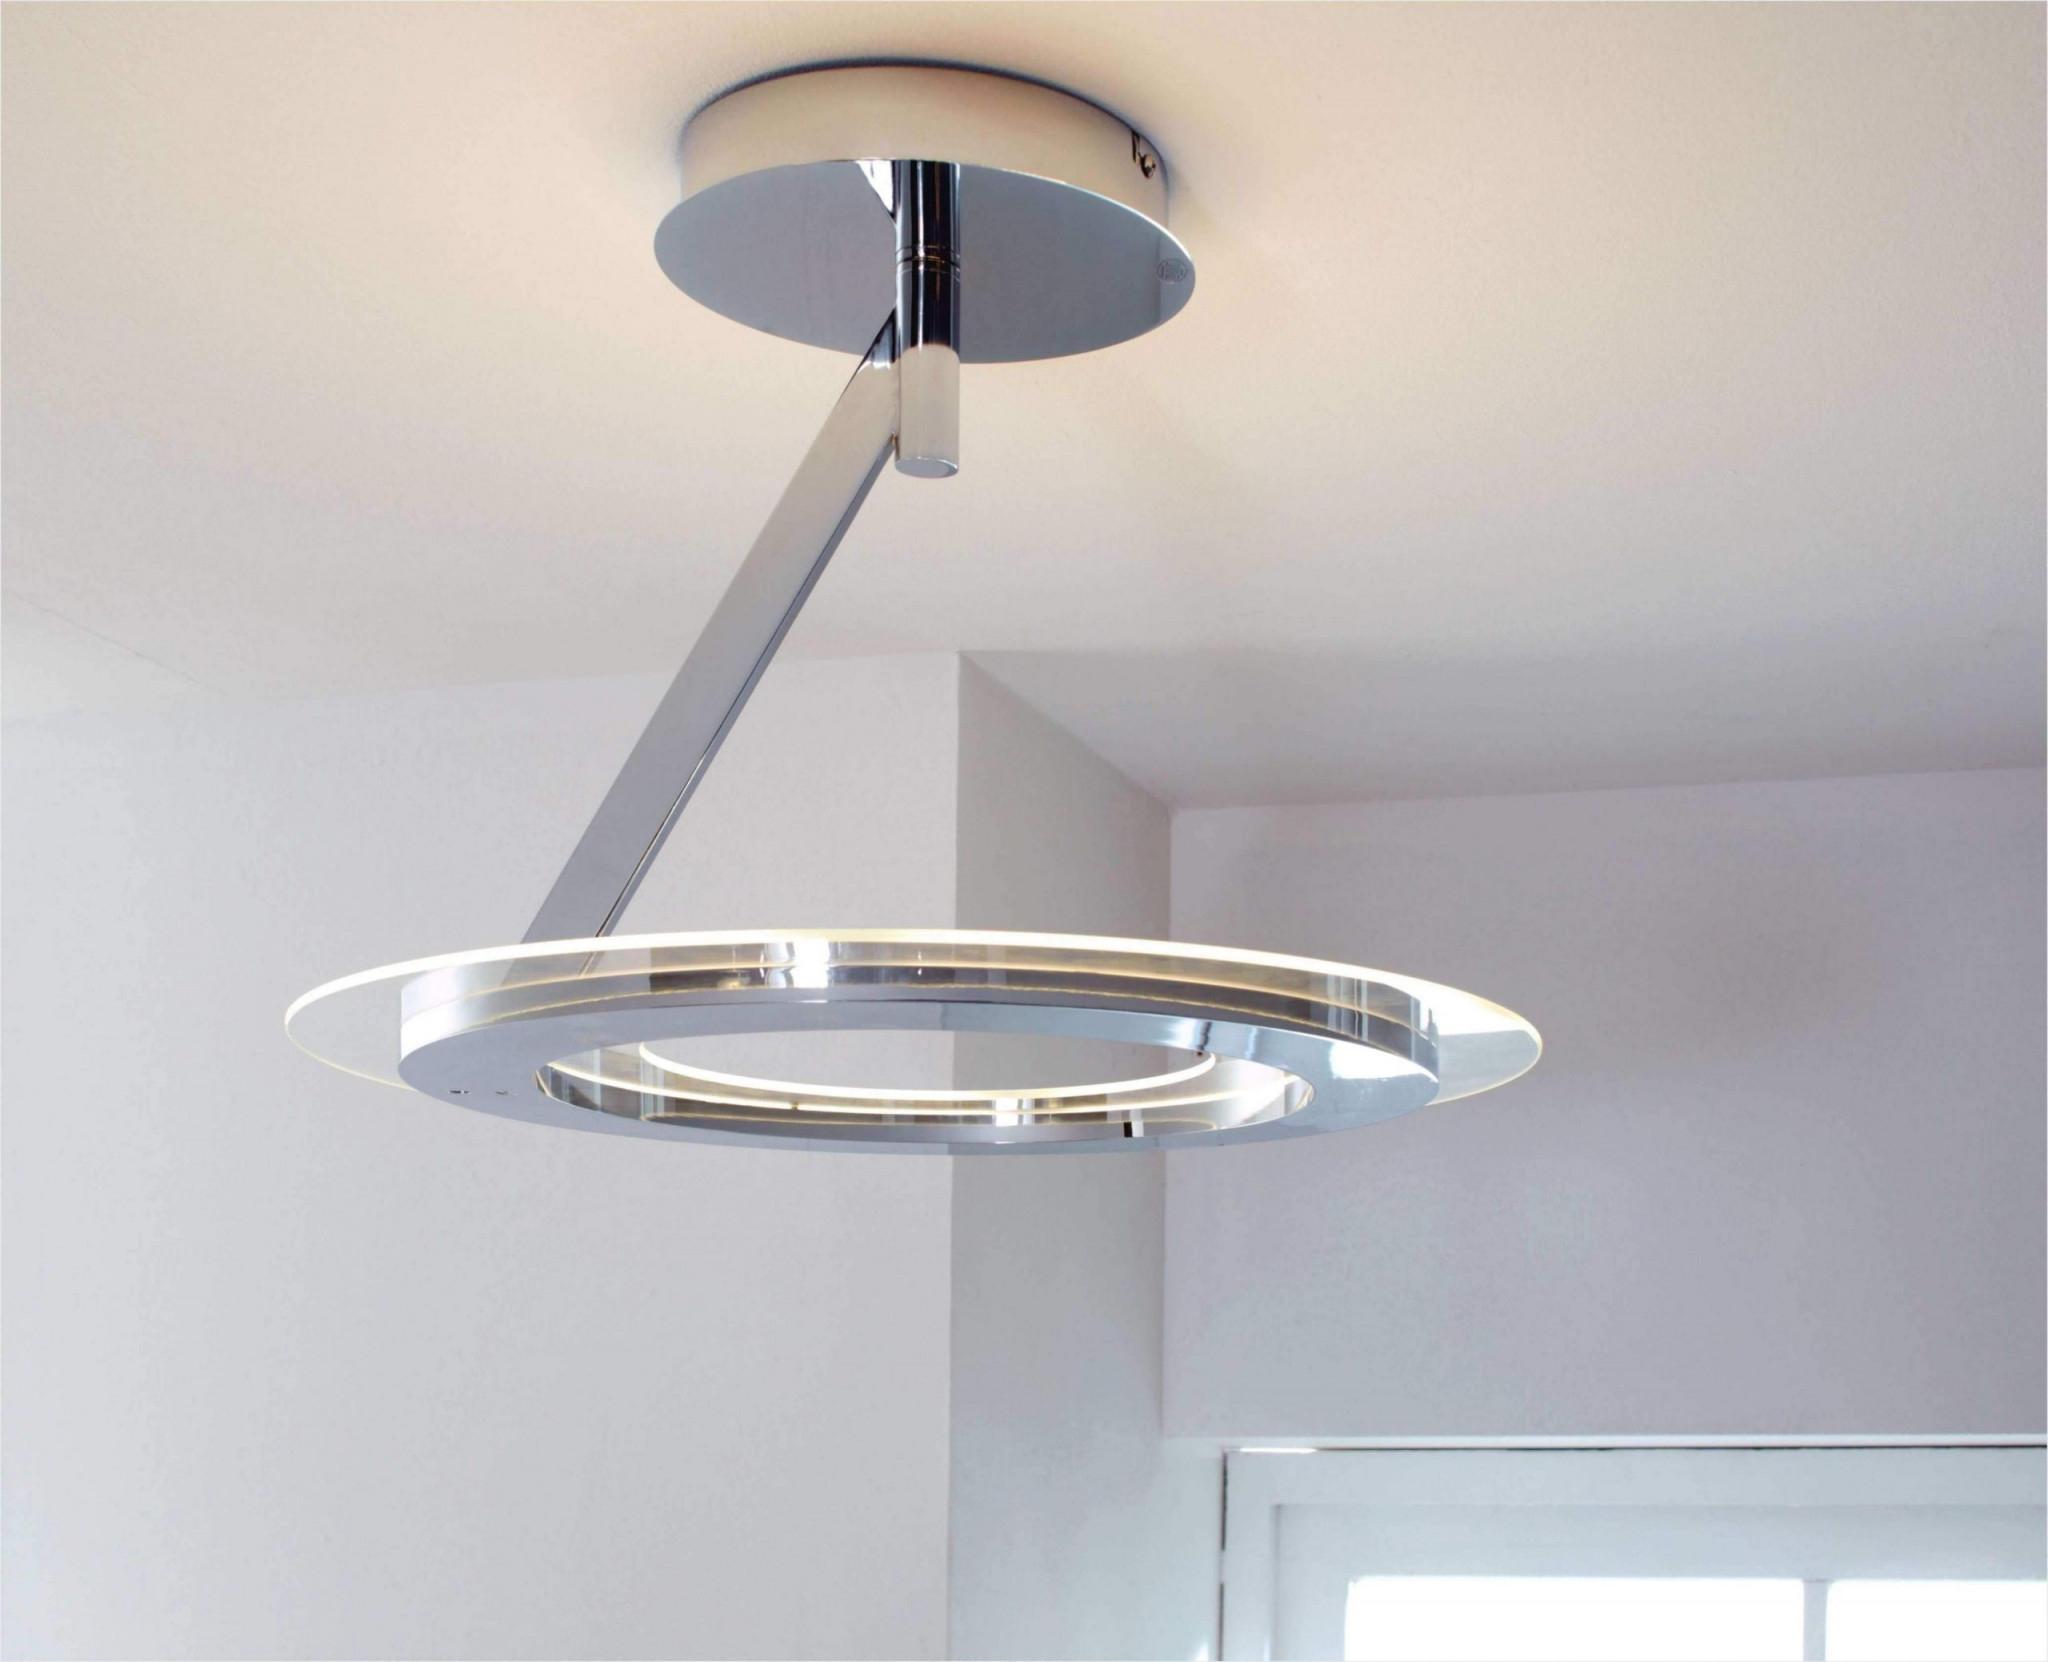 Deckenlampe Wohnzimmer von Led Deckenleuchte Wohnzimmer Bild